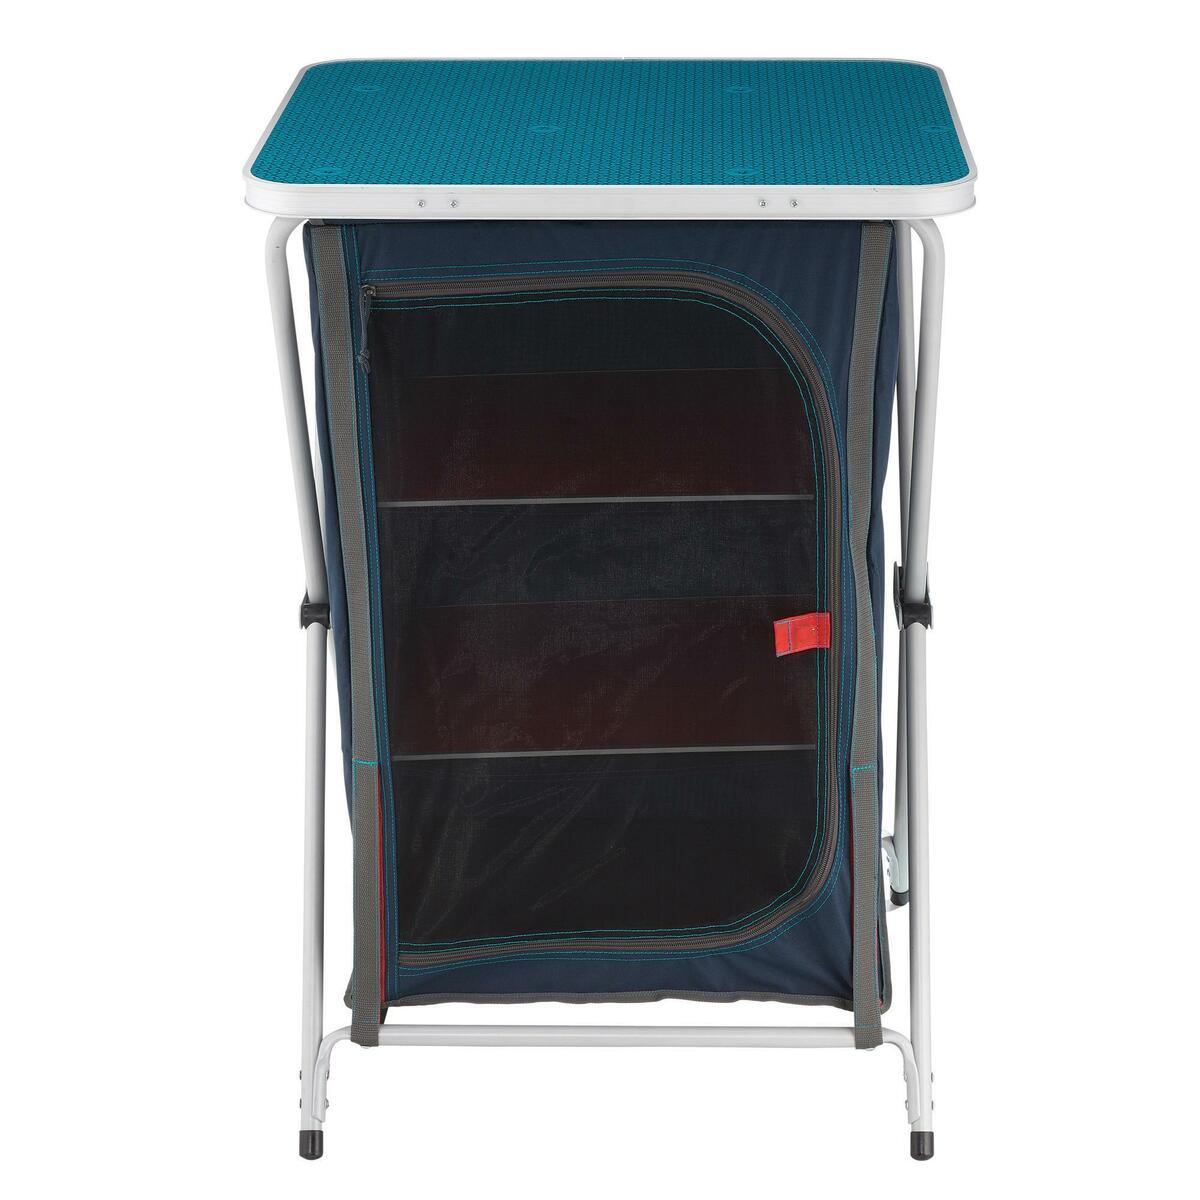 Bild 3 von Camping-Küchenmöbel